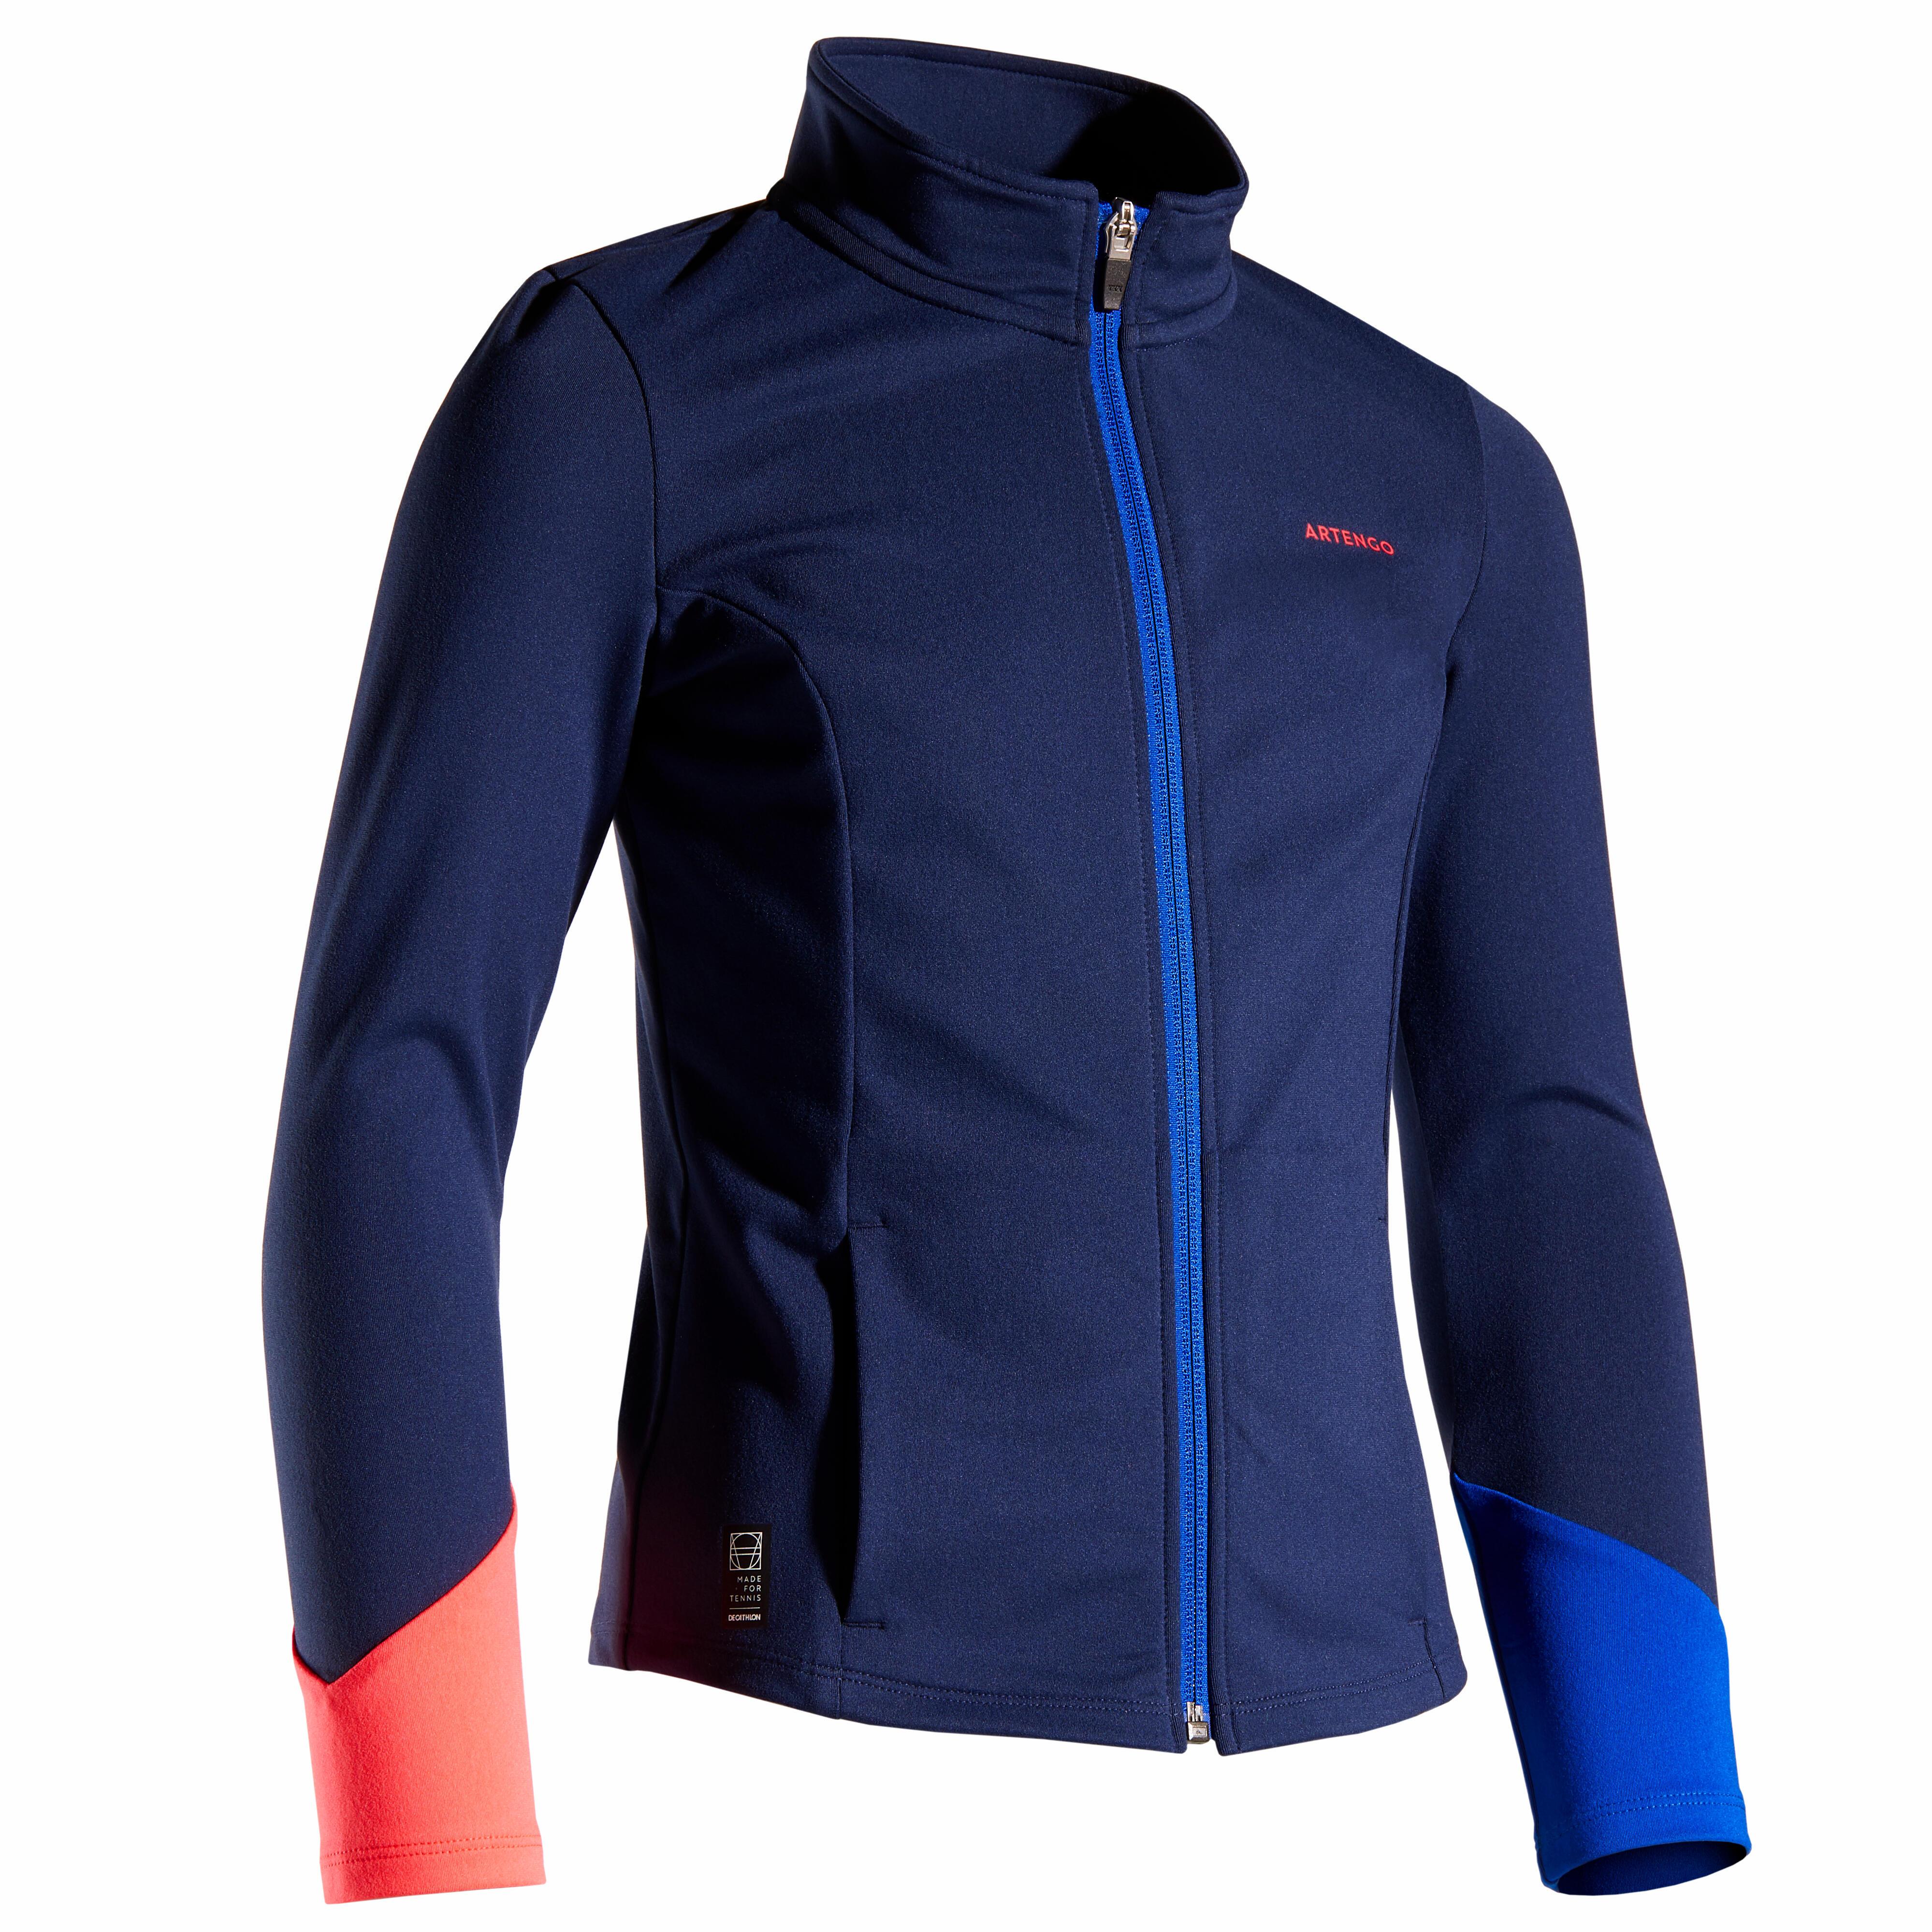 Trainingsjacke 500 warm Mädchen marineblau